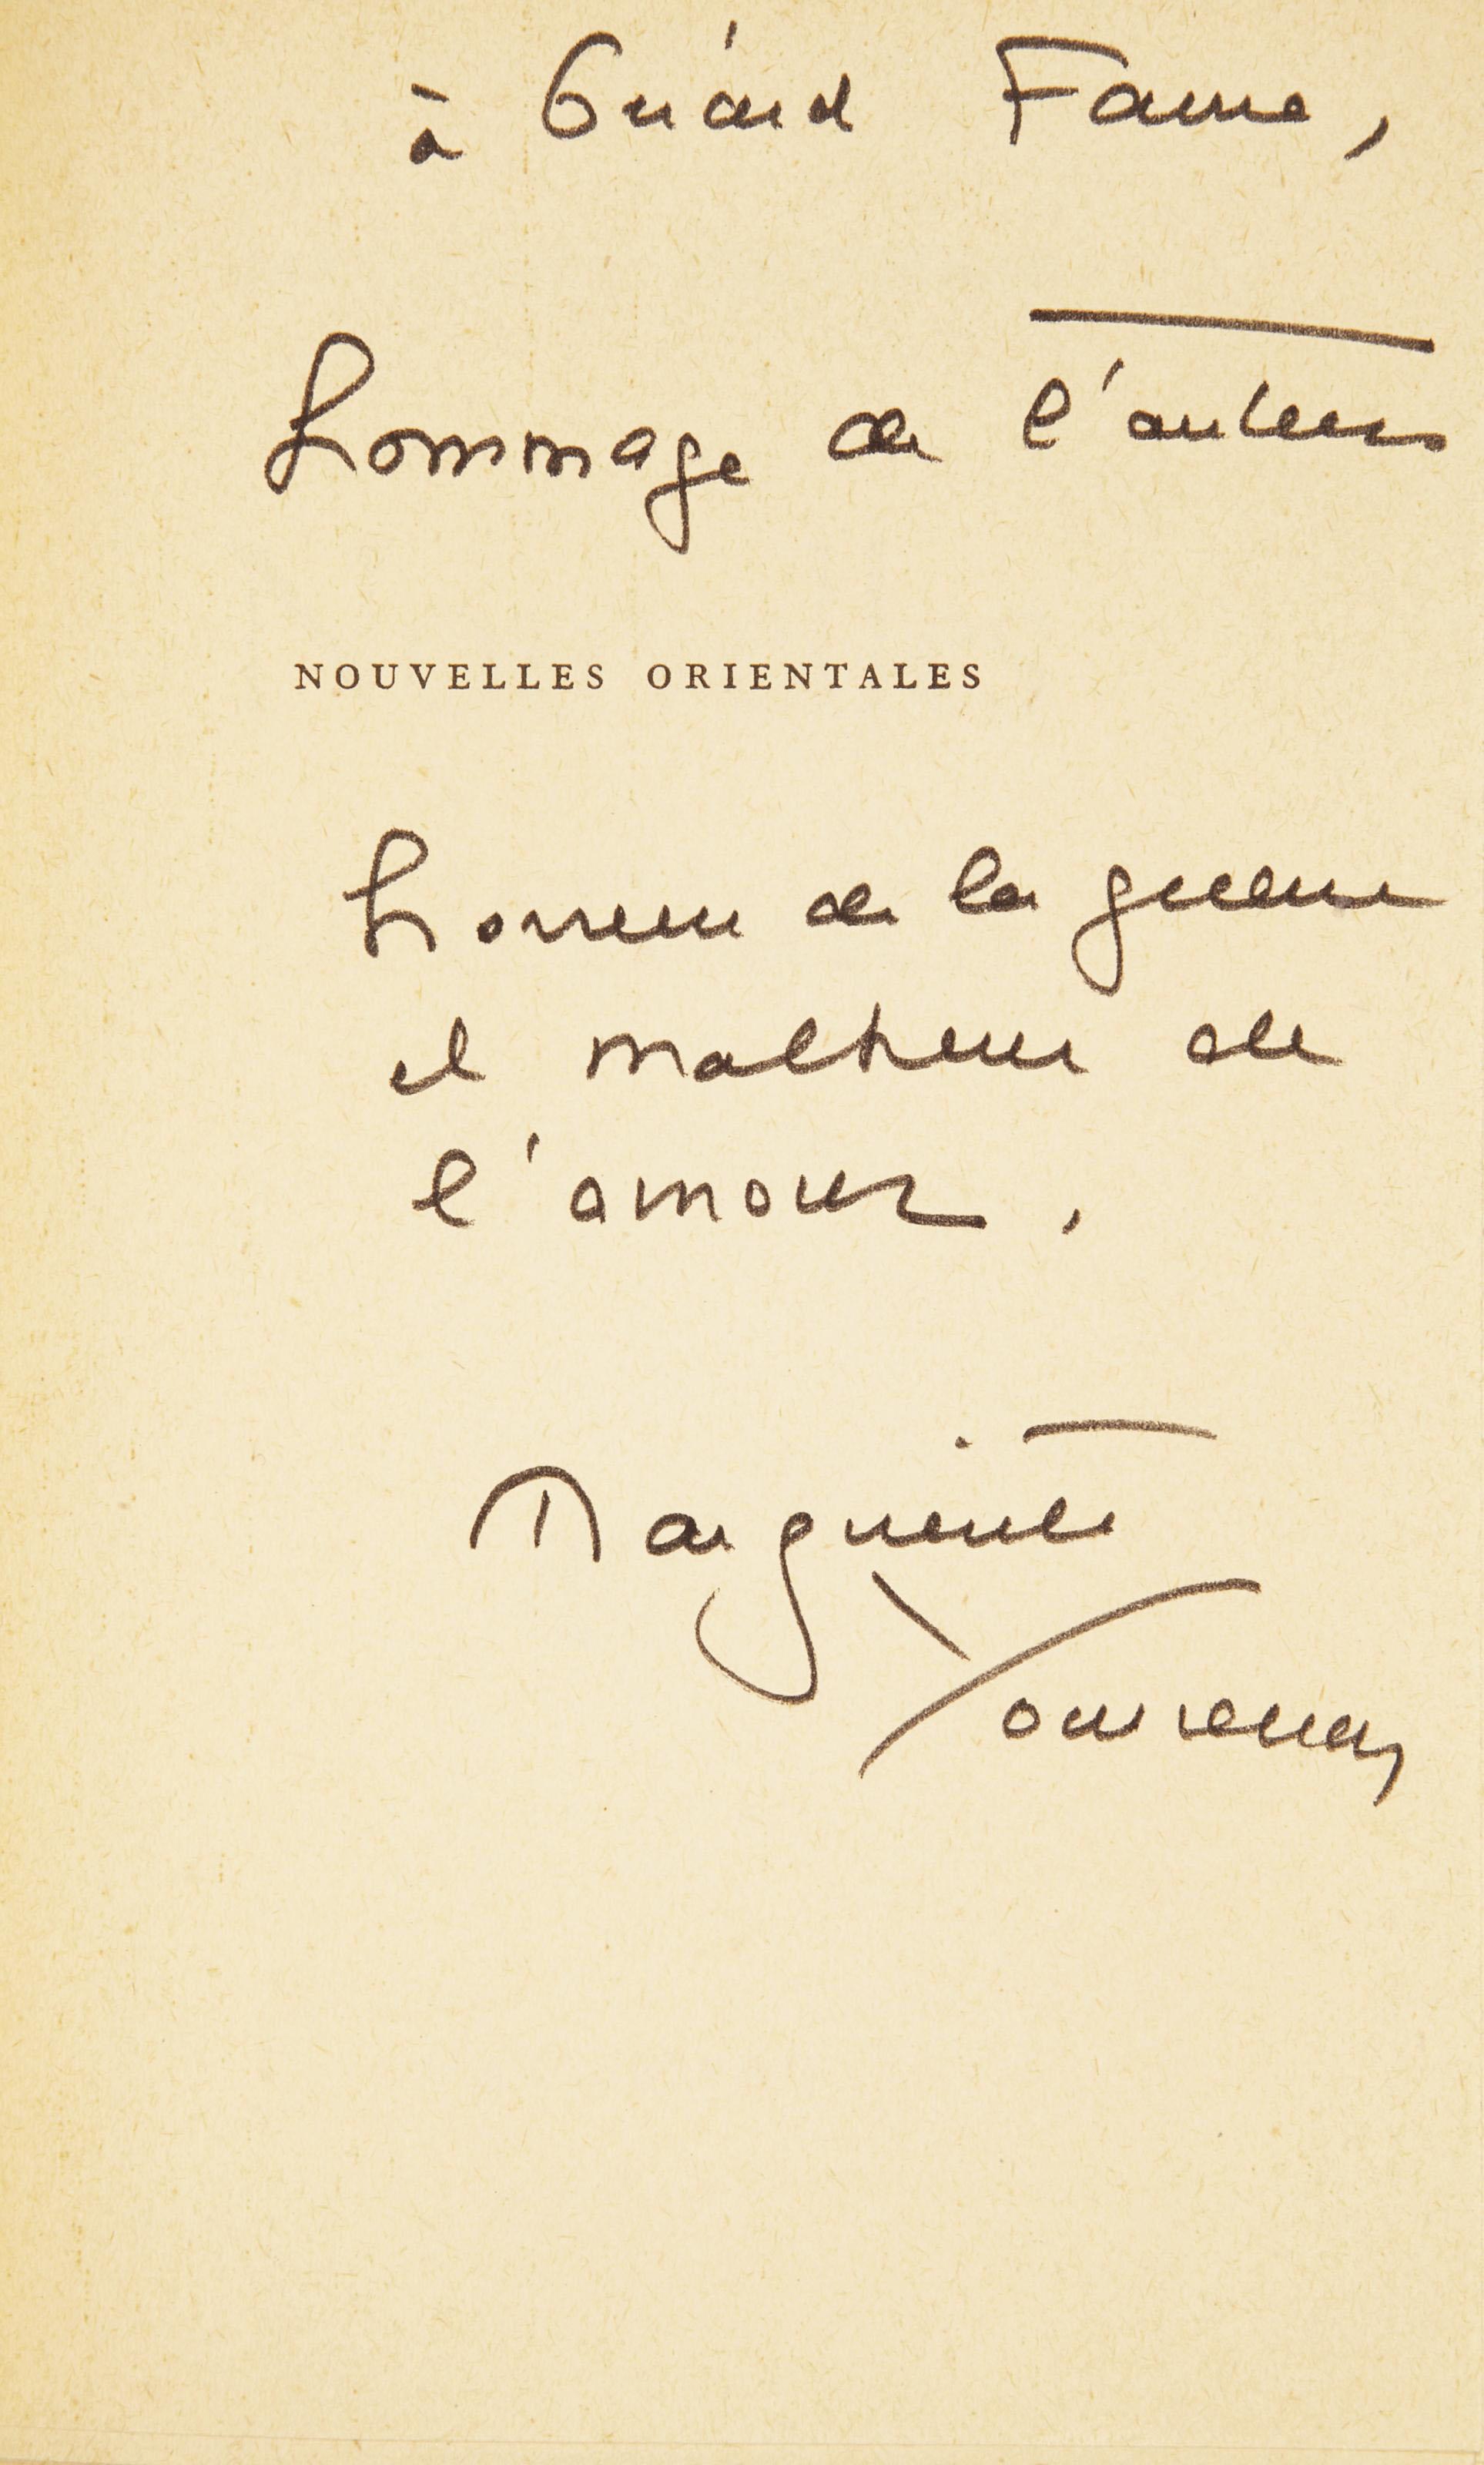 YOURCENAR, Marguerite de Crayencour, dite (1903-1987). Nouvelles orientales. Paris: NRF, avril 1963.